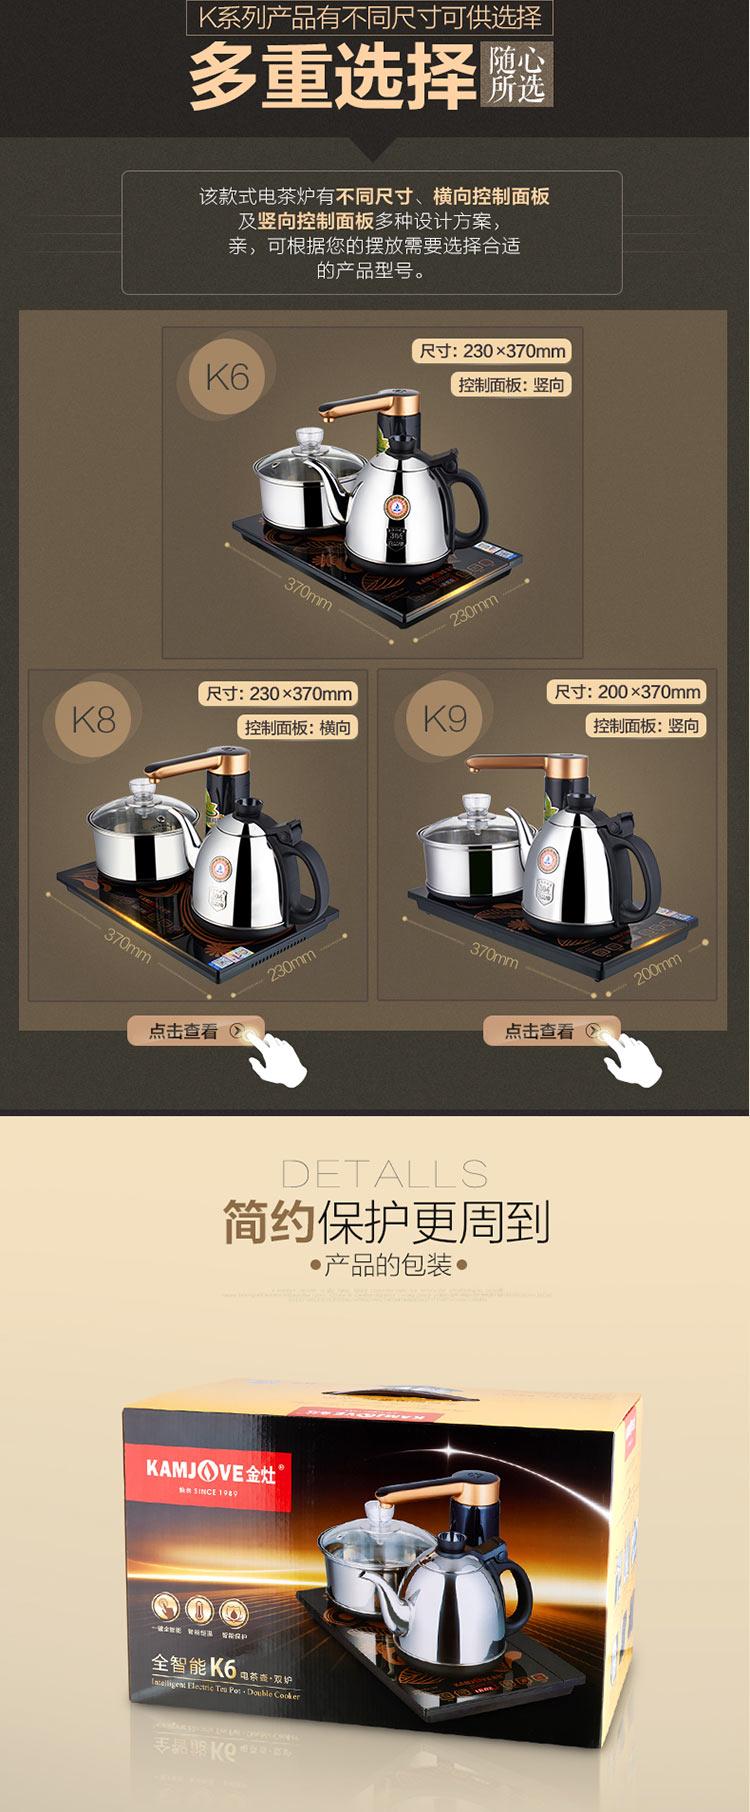 K6详情页【添加进水管】_10